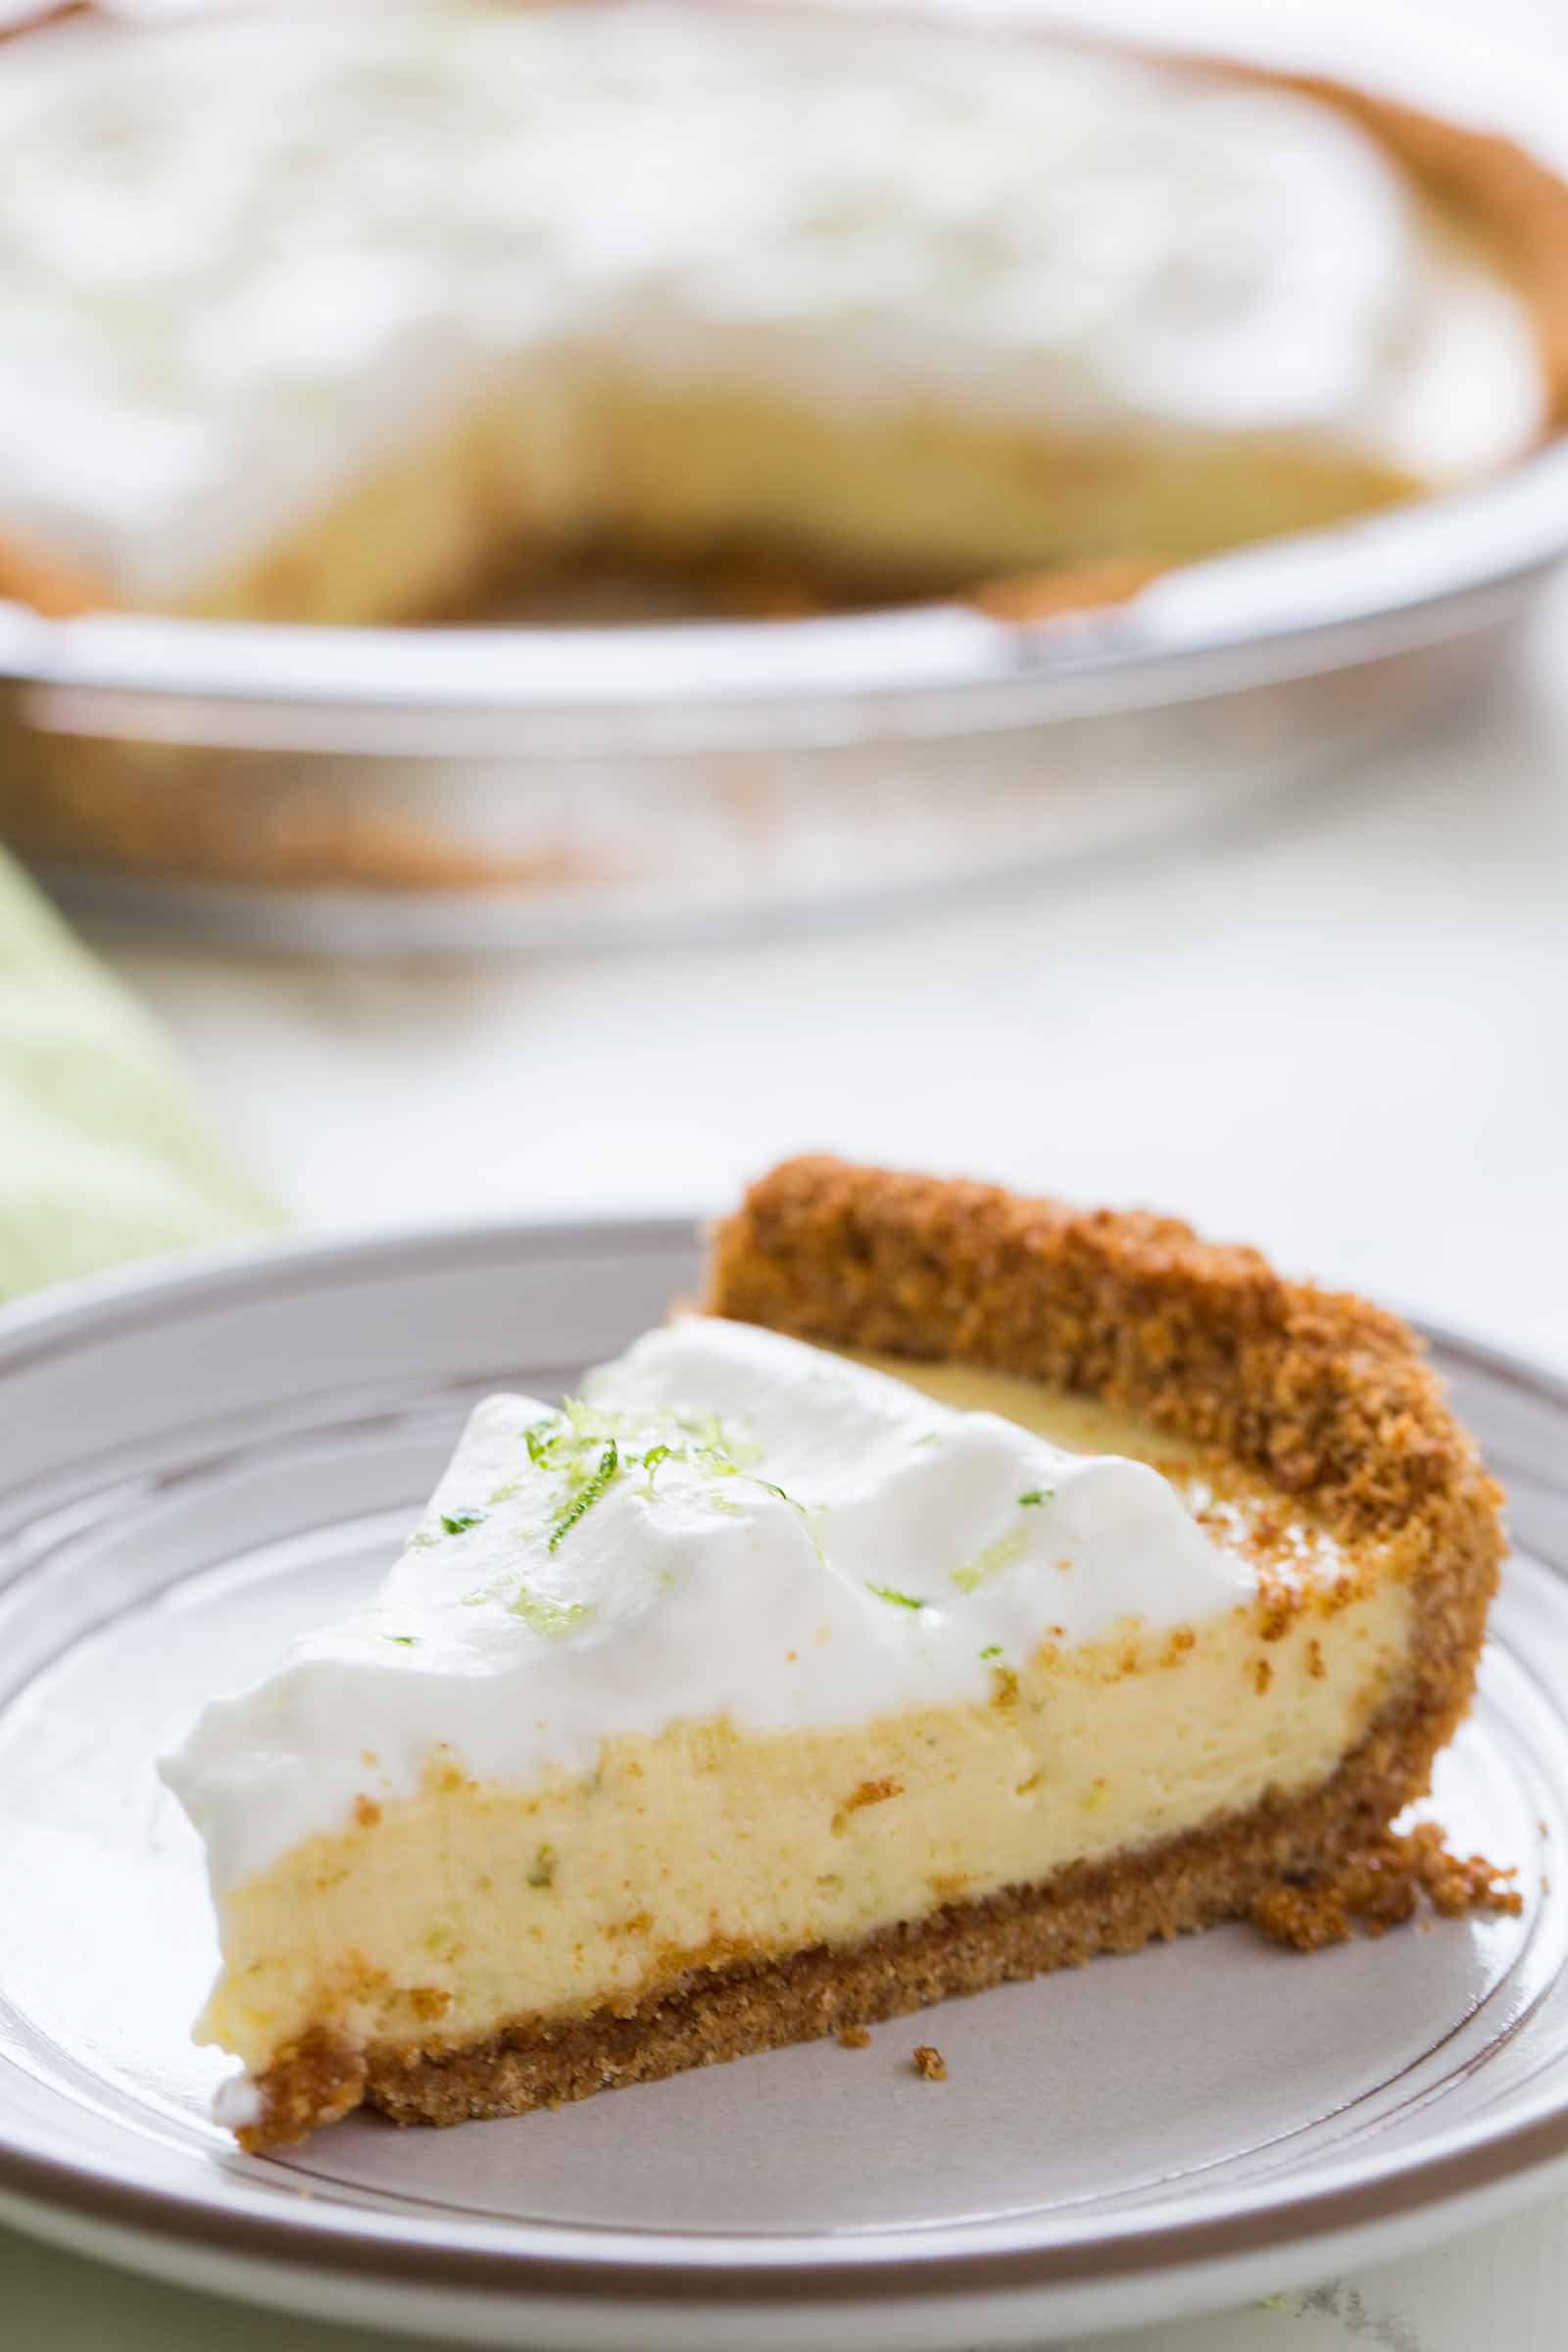 Key Lime Pie Recipe  Key Lime Pie Recipe As American as Apple Pie